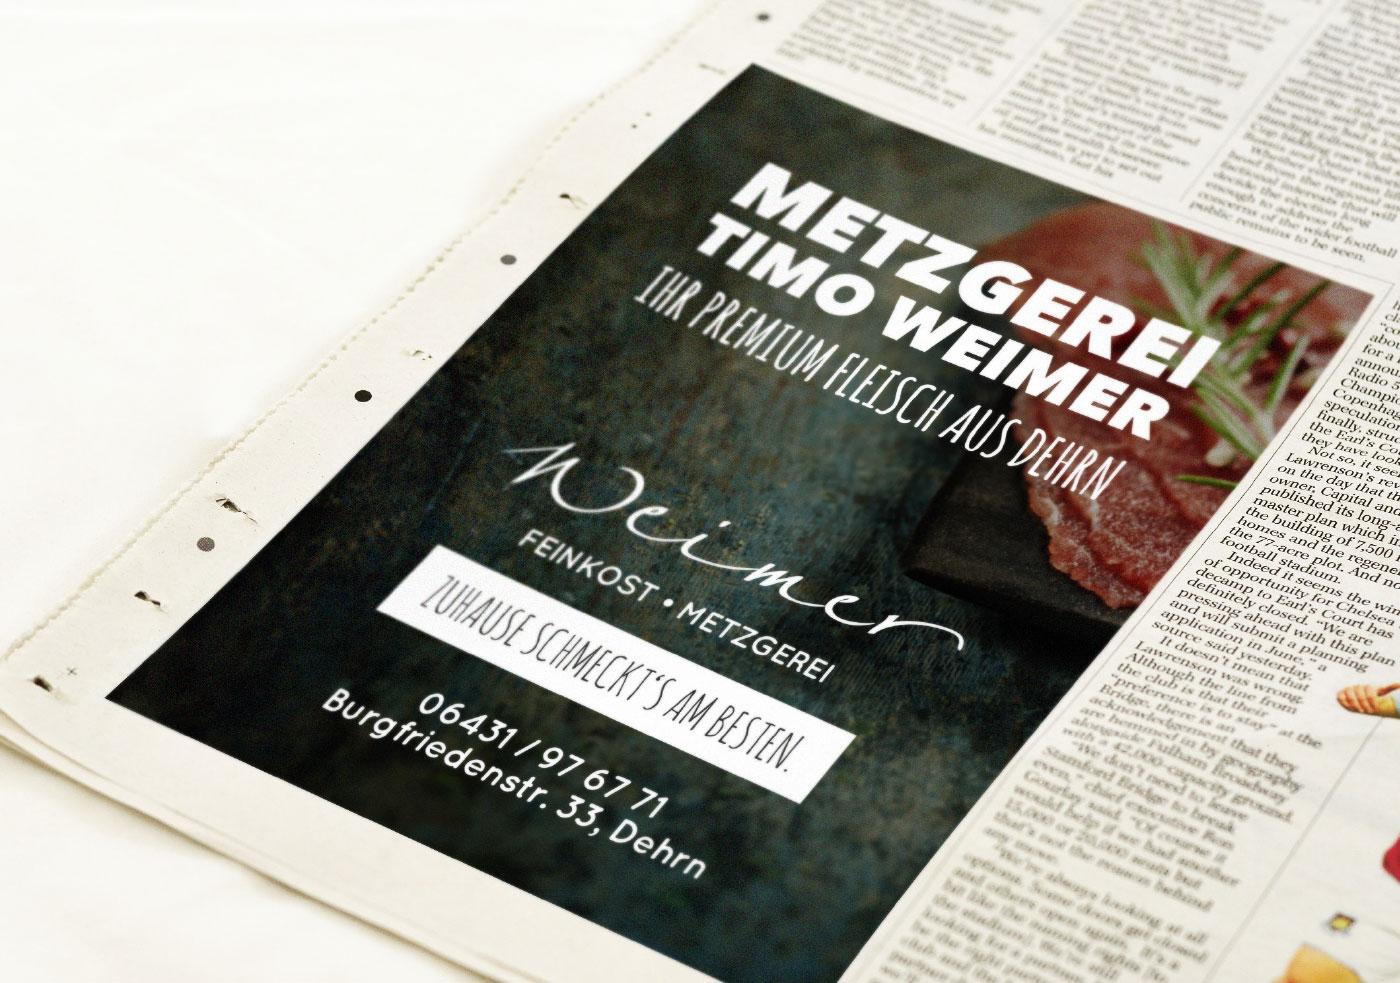 Metzgerei Weimer Zeitungsanzeige